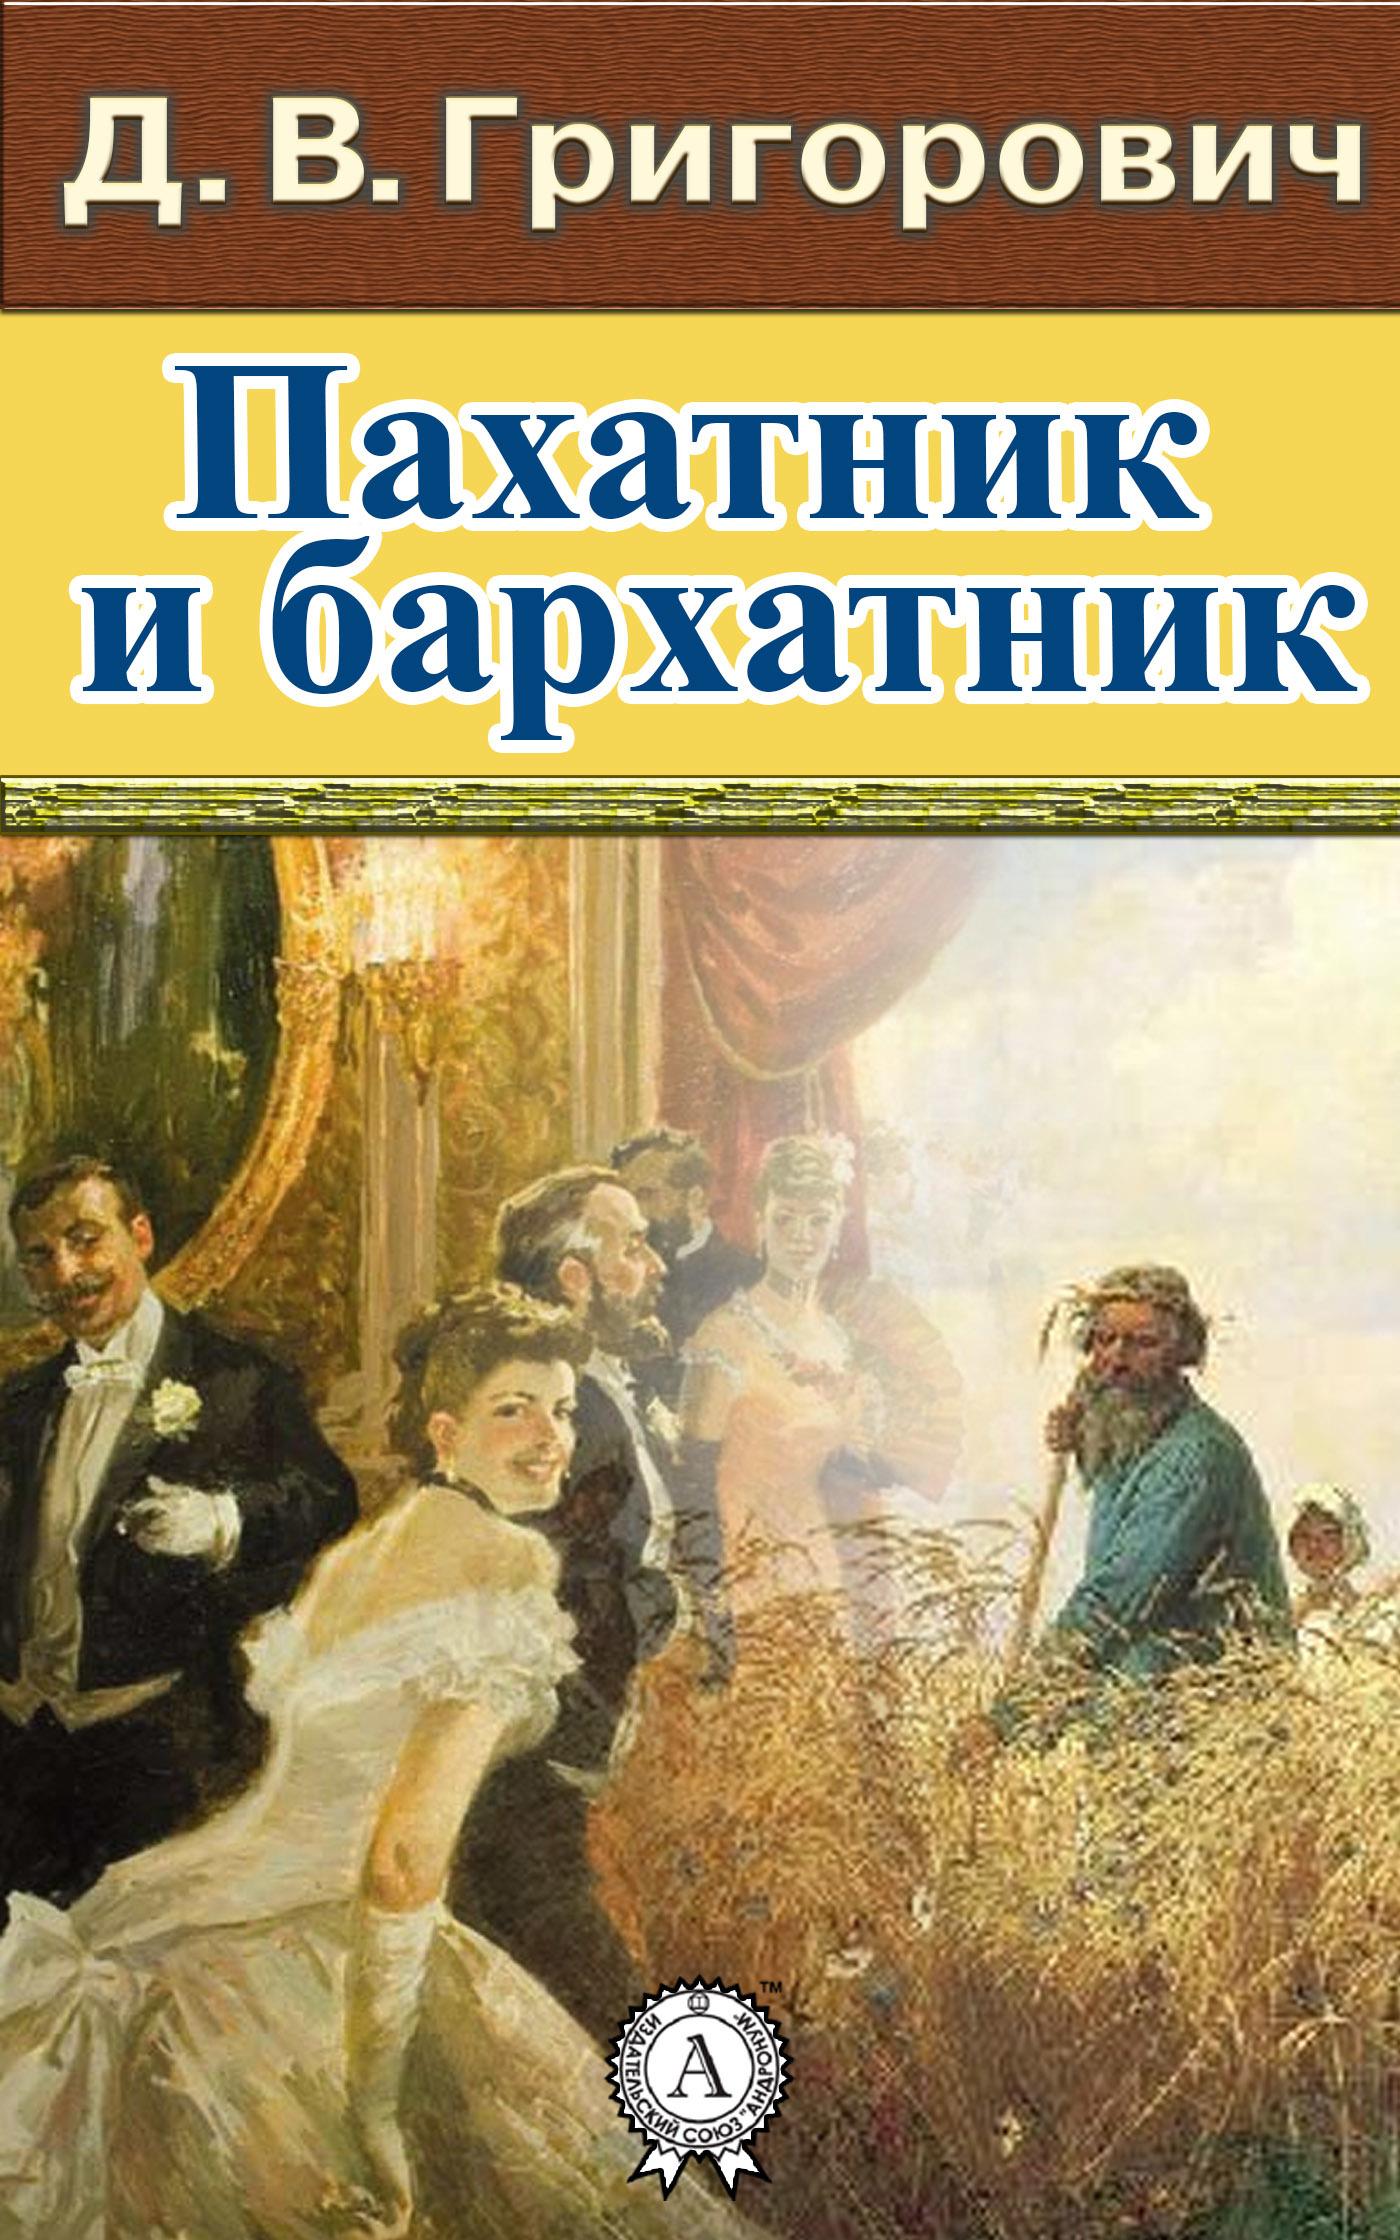 электронный файл Дмитрий Васильевич Григорович скачивать легко